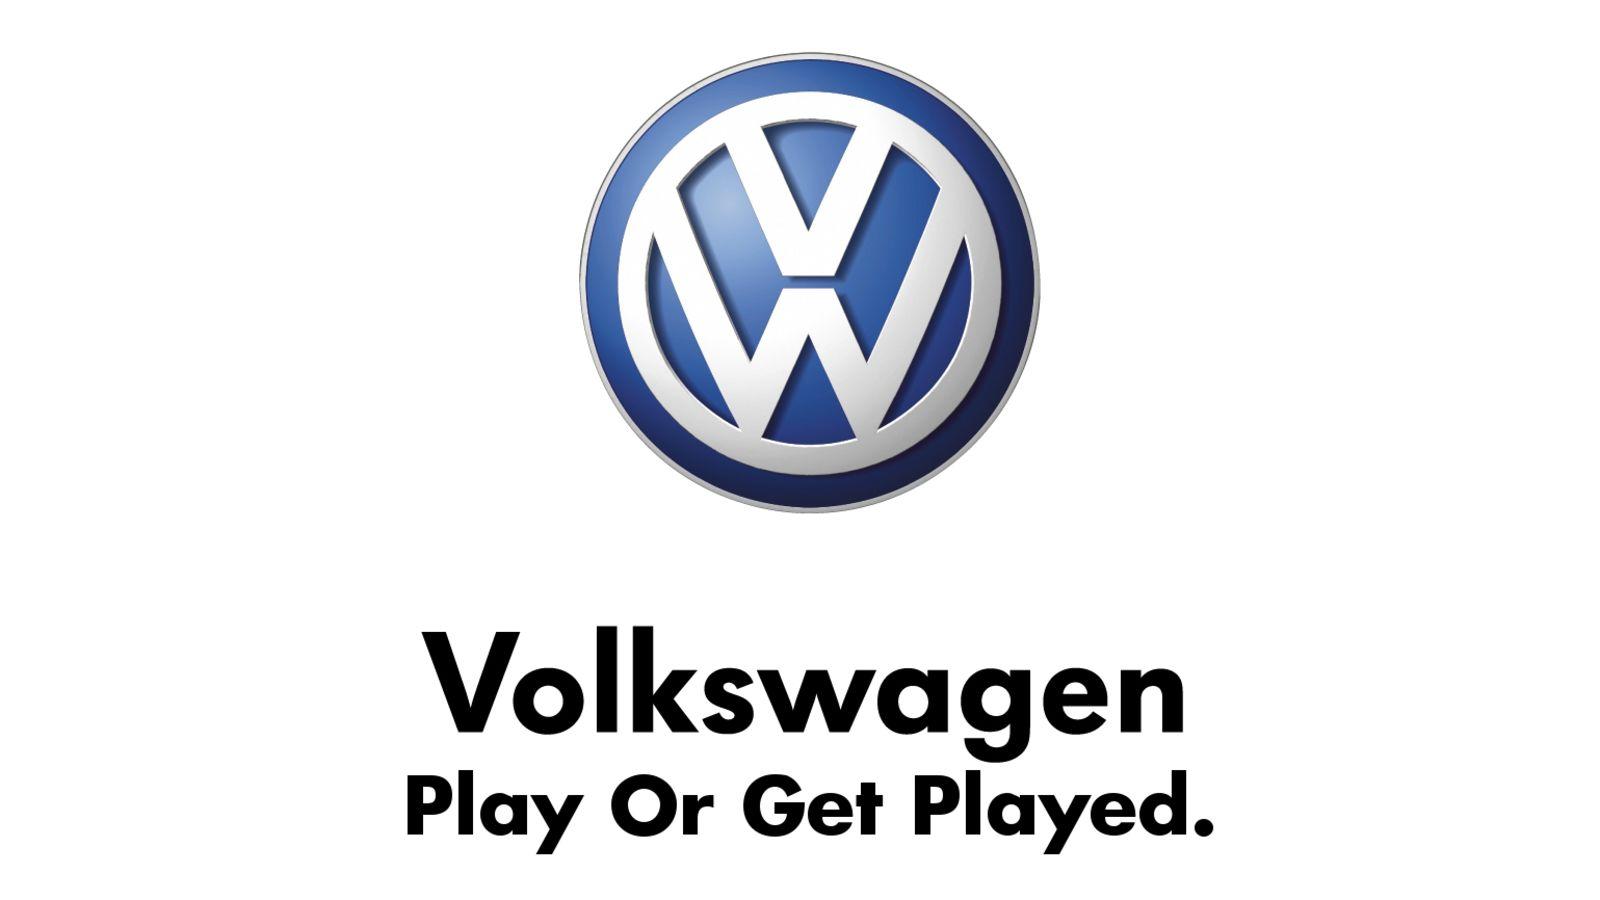 Volkswagen sucks